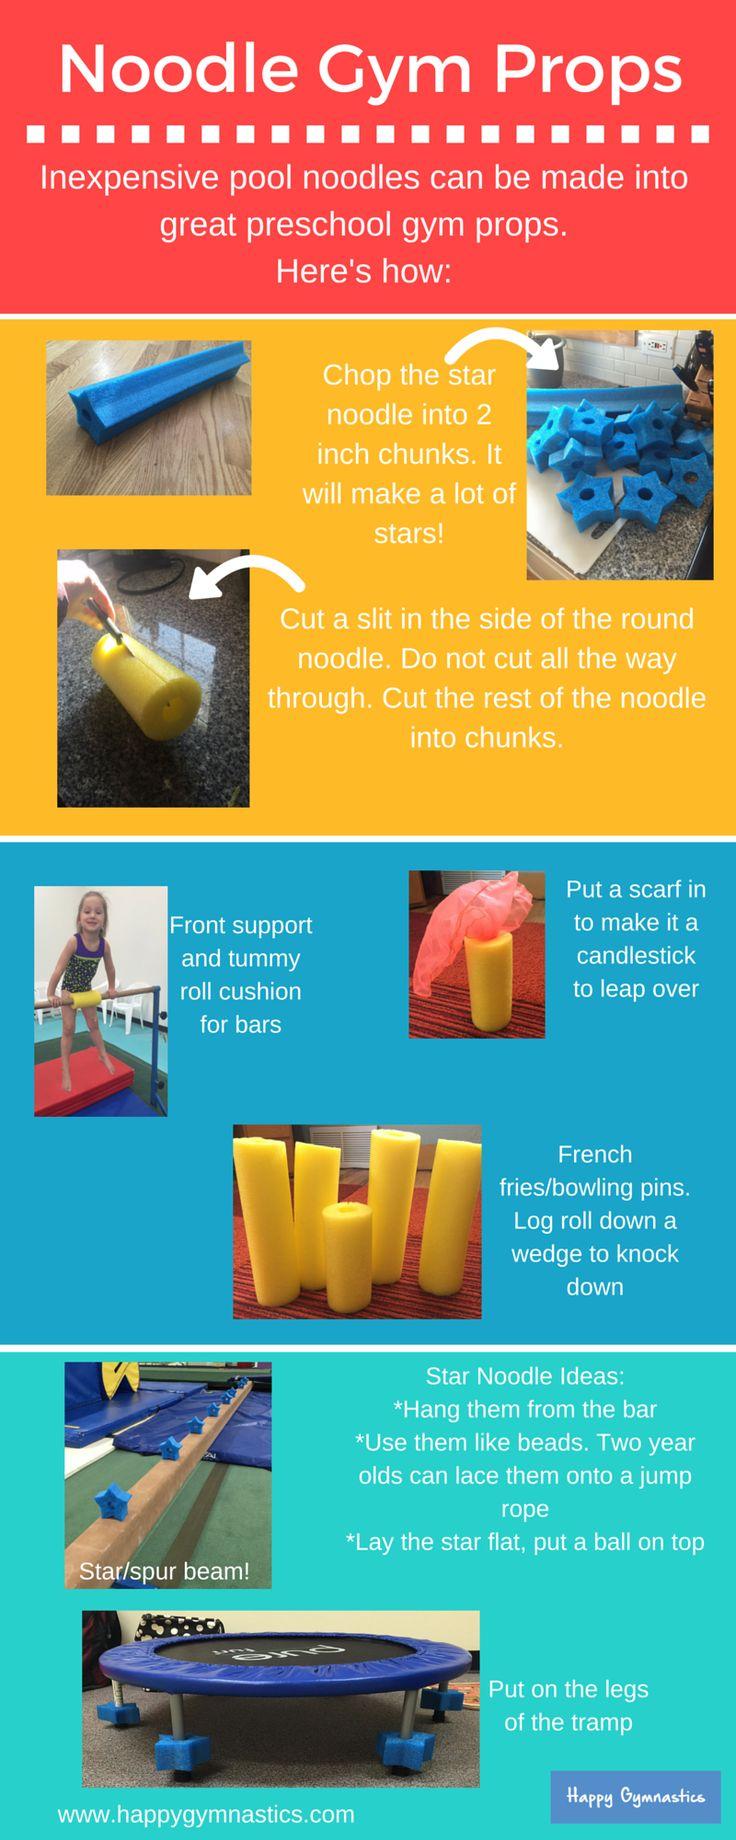 Preschool gymnastics prop ideas!